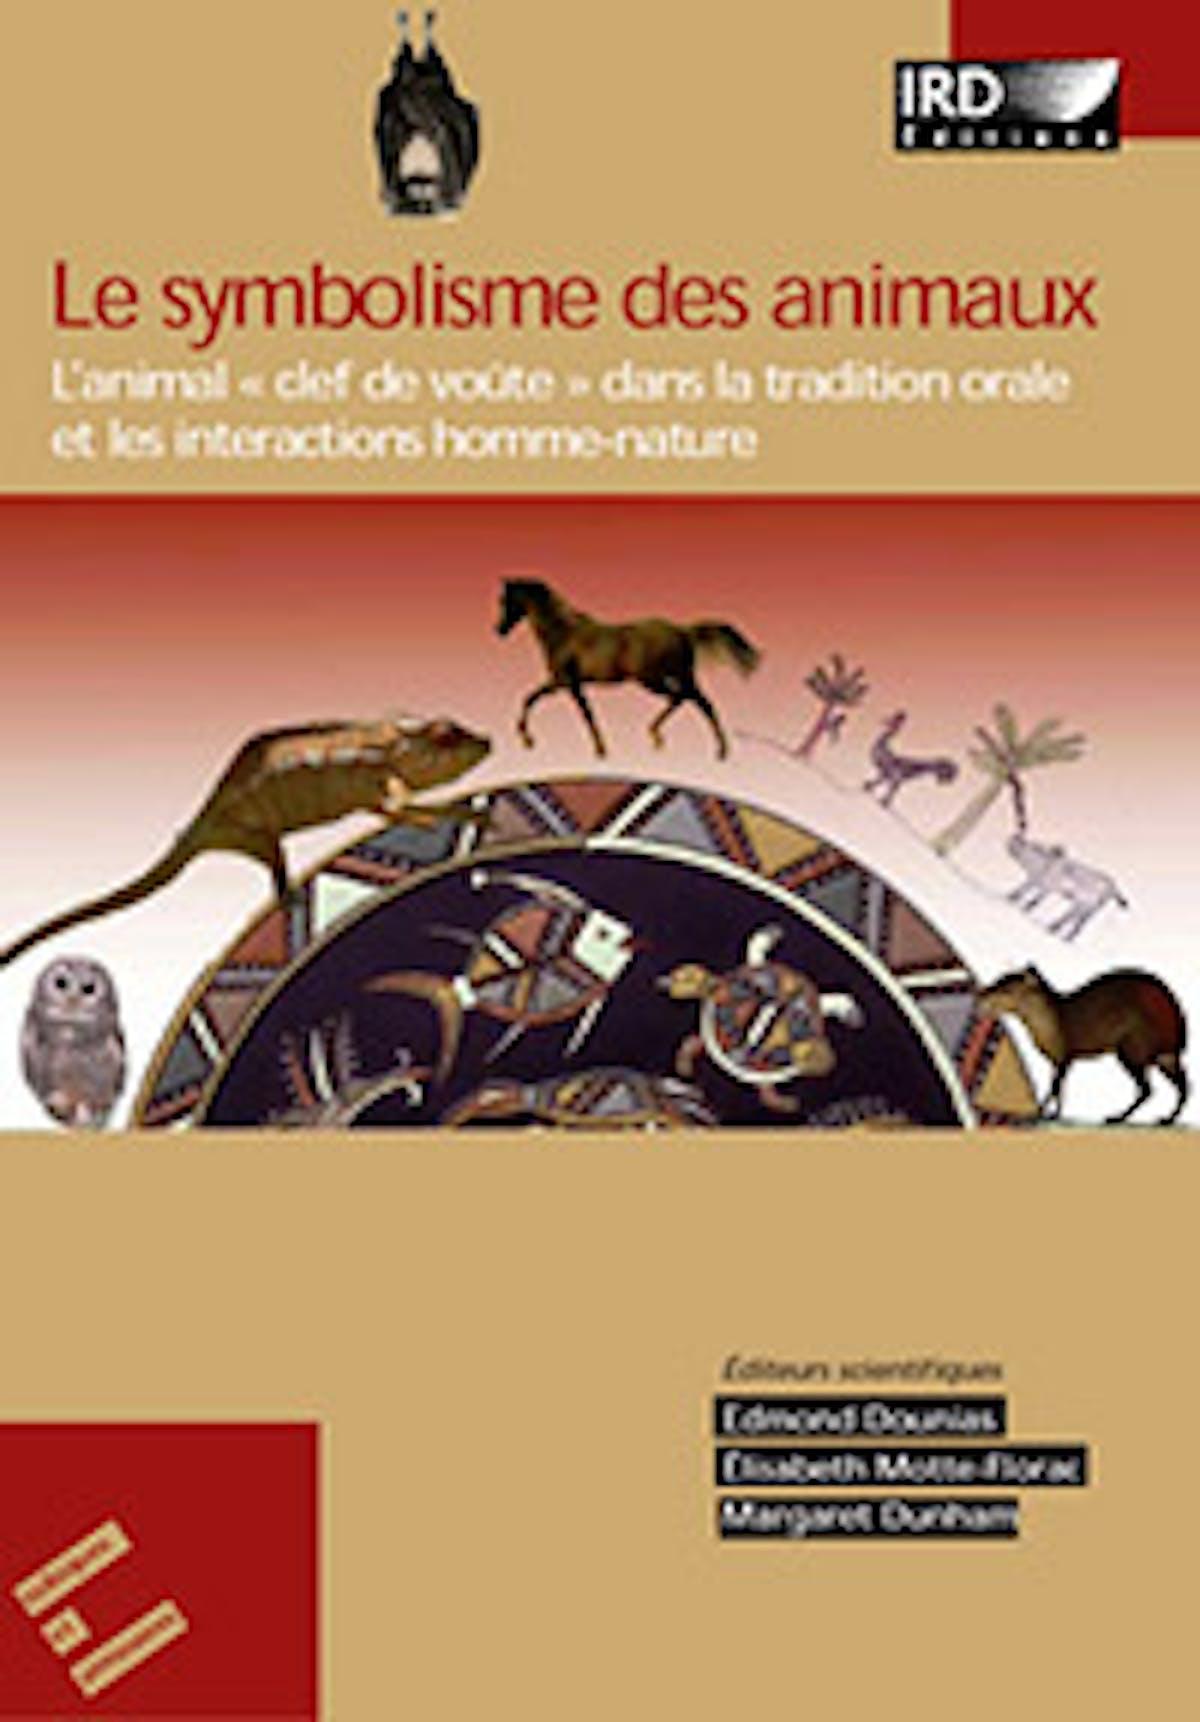 L'ANIMAL DOMESTIQUE EN QUESTIONS : DE L'ANIMAL BIOLOGIQUE À L'ANIMAL ROBOT - Michel Nachez